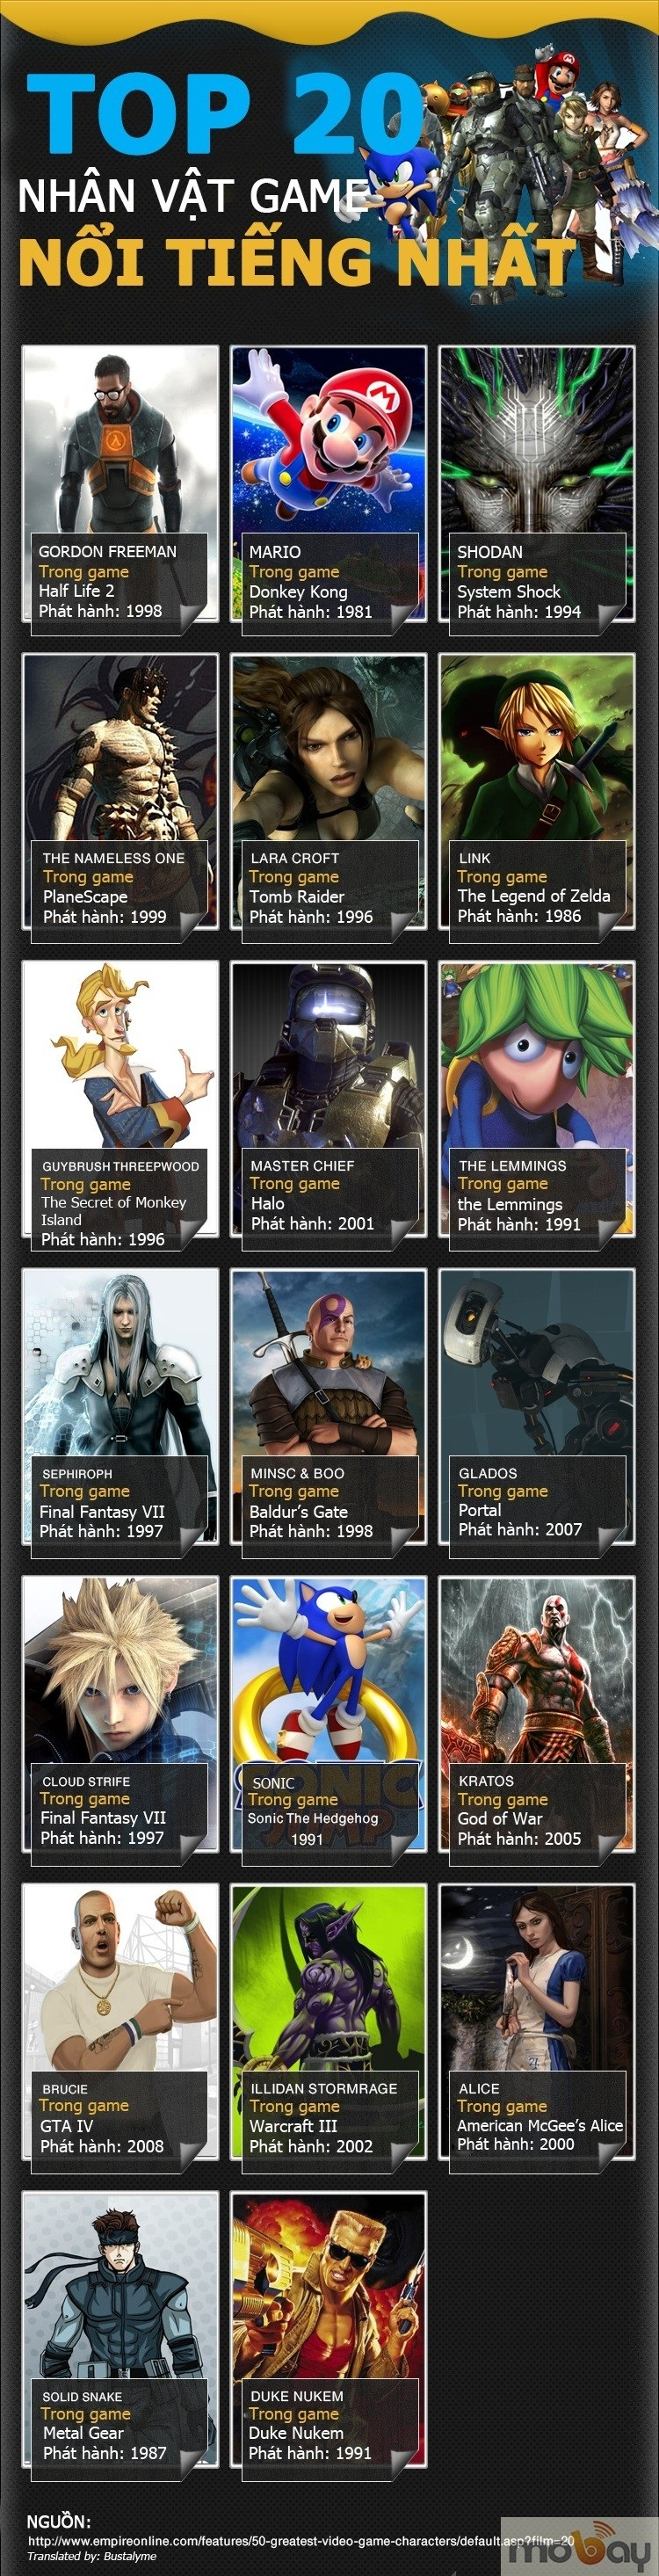 Infographic - 20 Nhân vật GAME nổi tiếng NHẤT thế giới